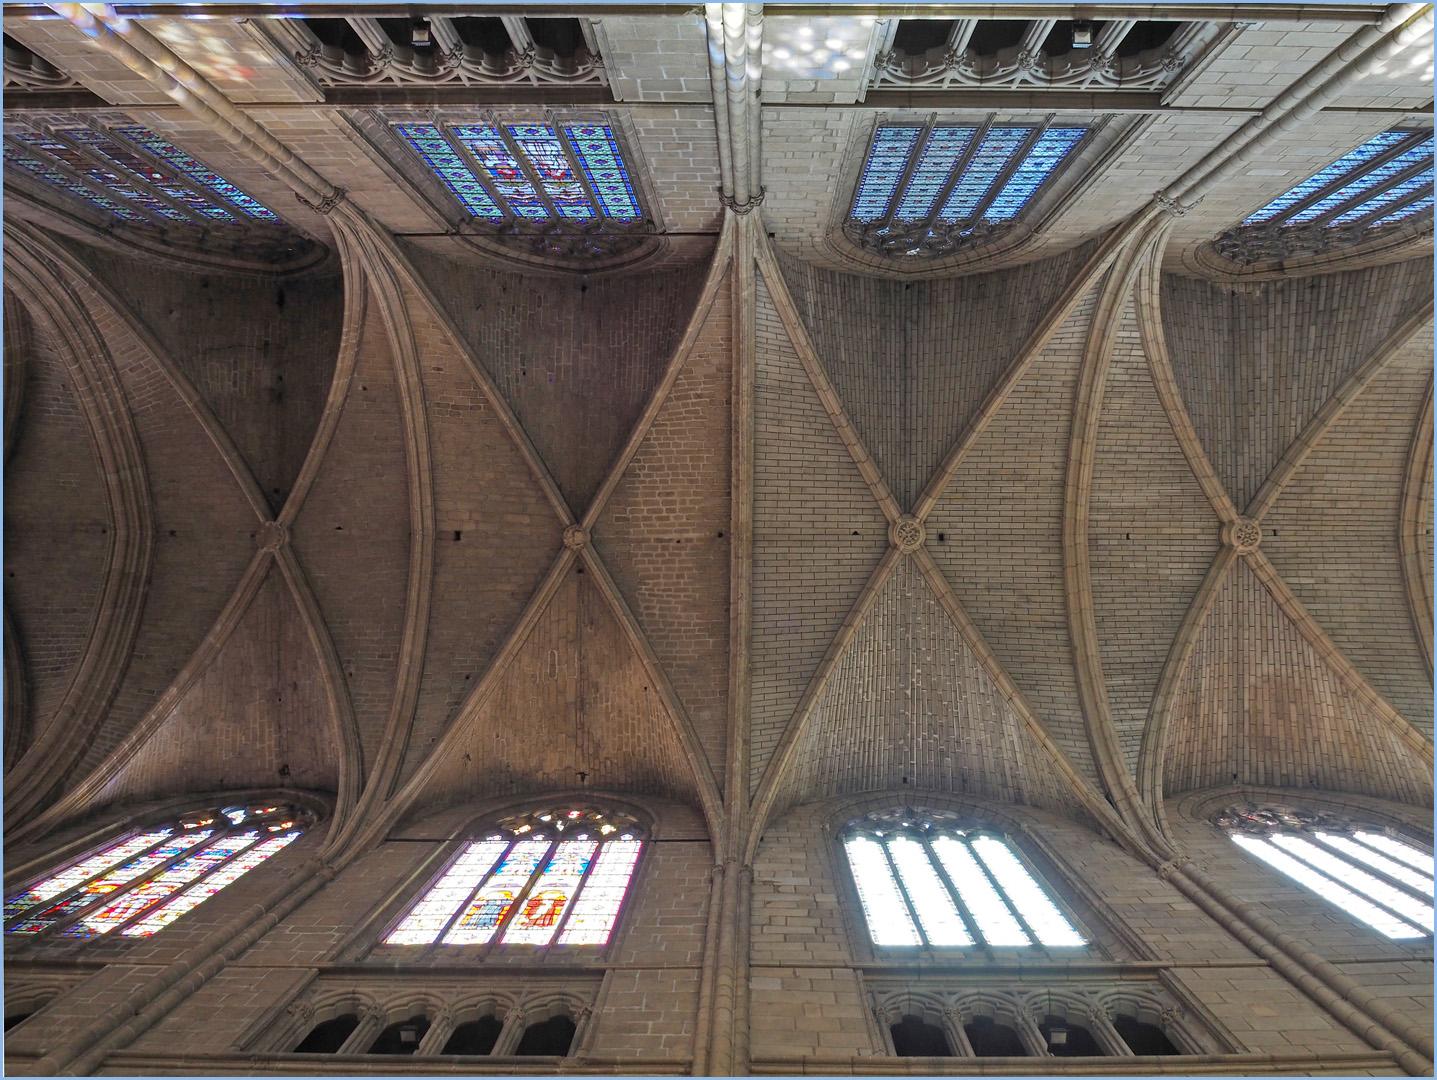 Le plafond de la nef   --  Cathédrale St Etienne de Limoges